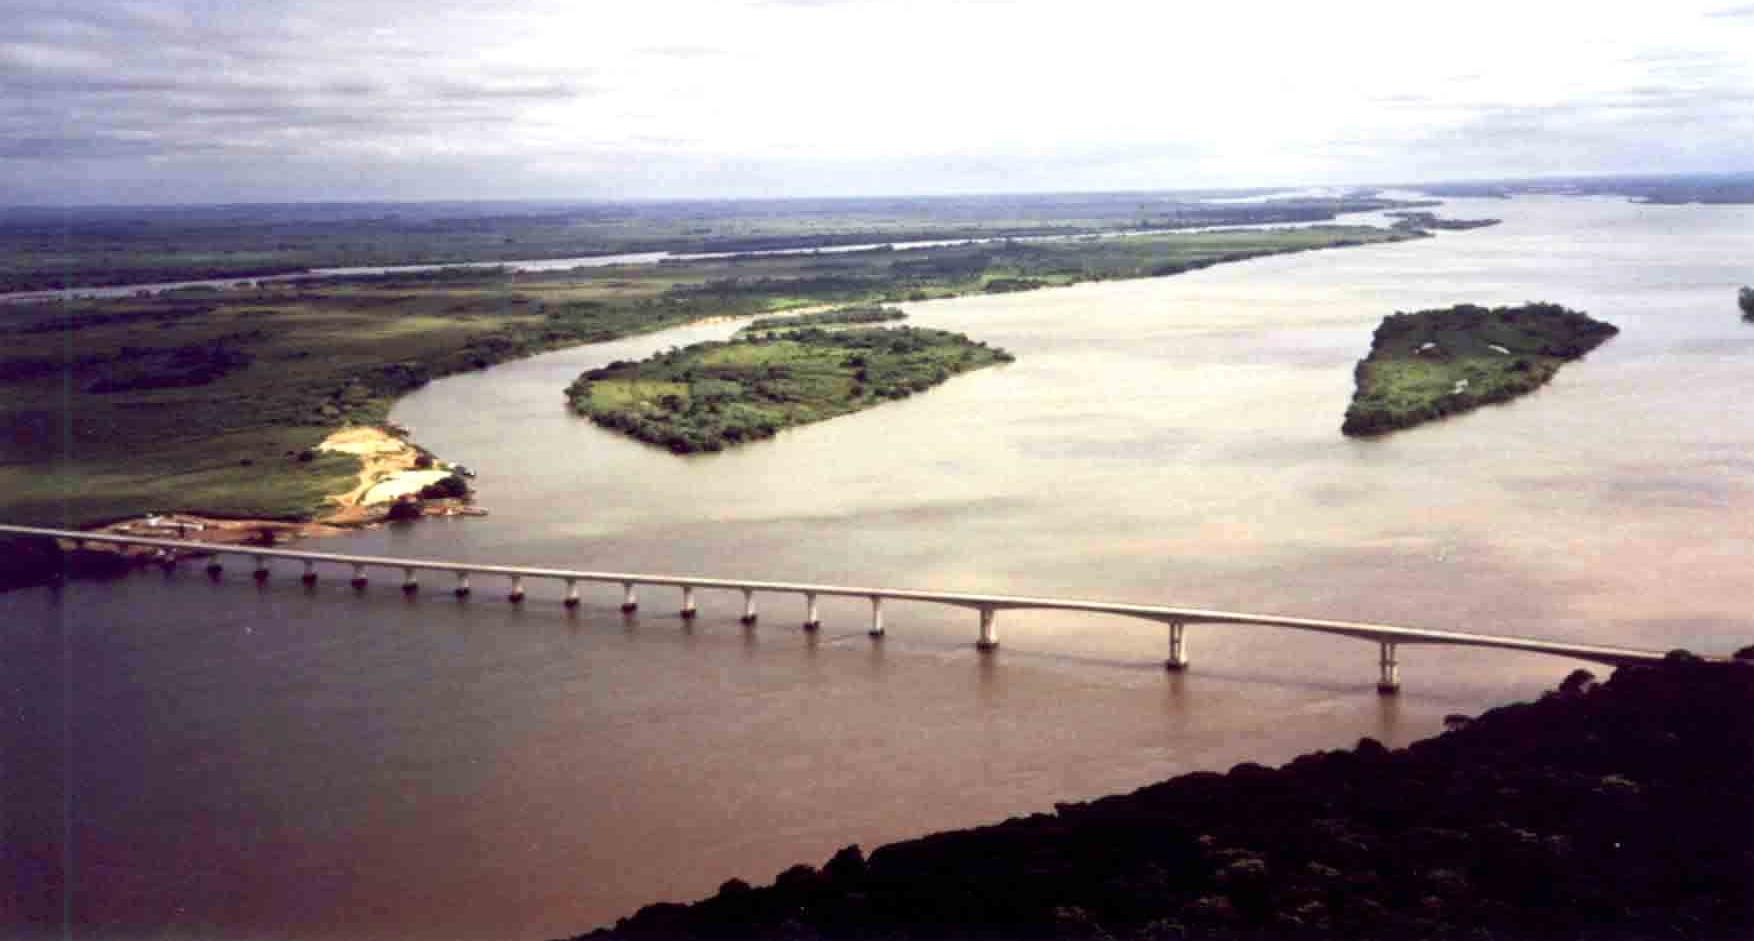 Ponte principal do Complexo de Pontes de Porto Camargo, BR-487.